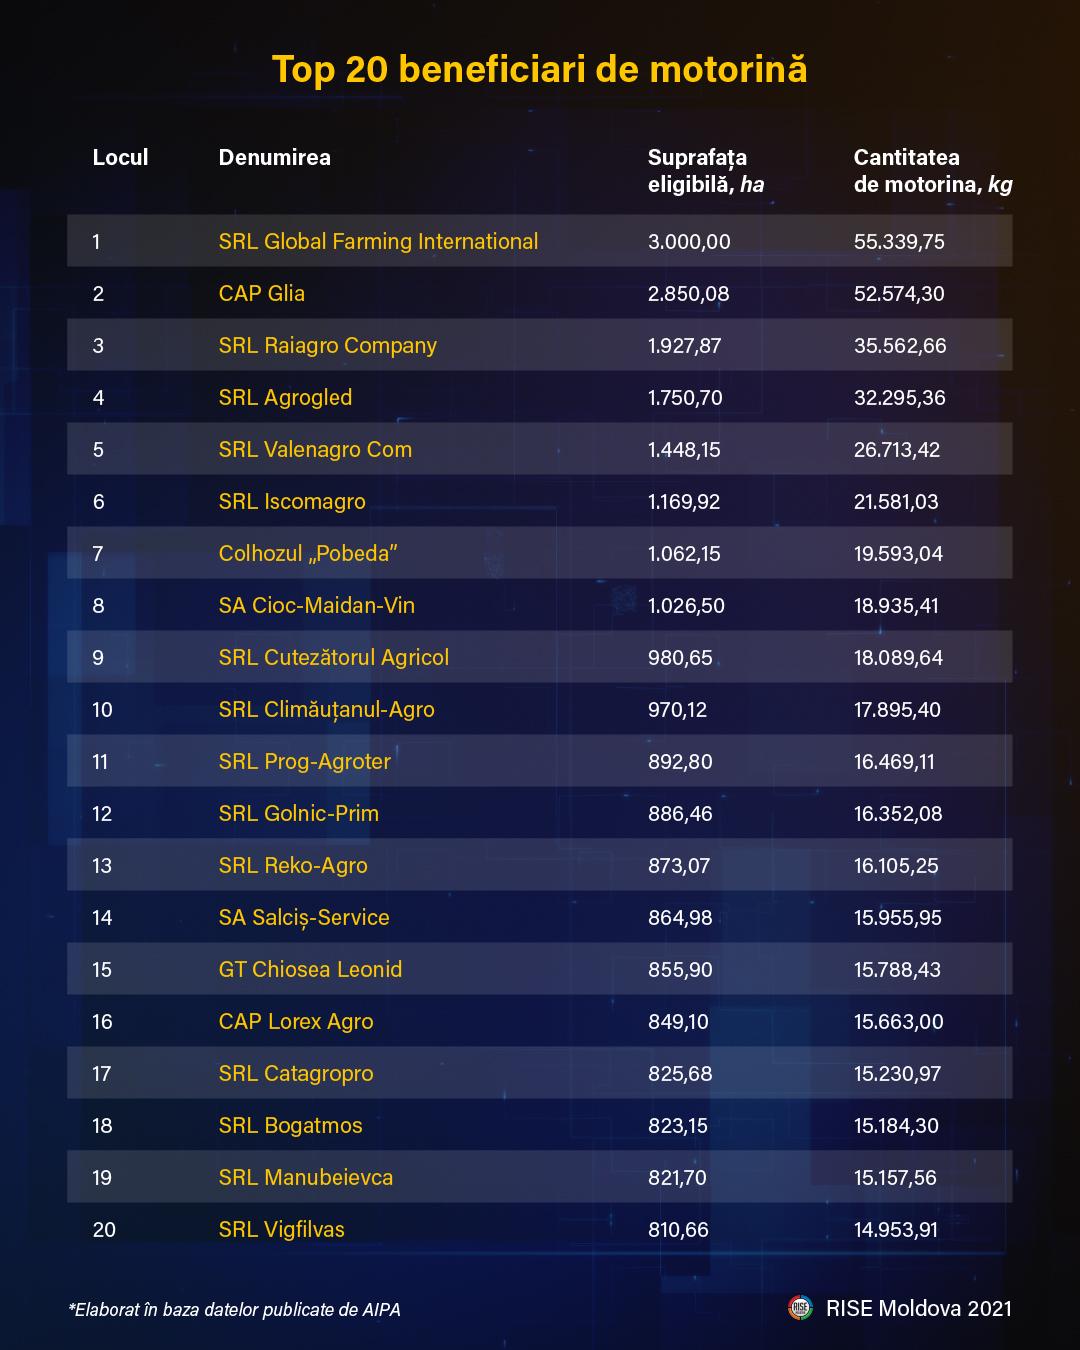 top-20-beneficiari-de-motorina-grafic-rise-moldova